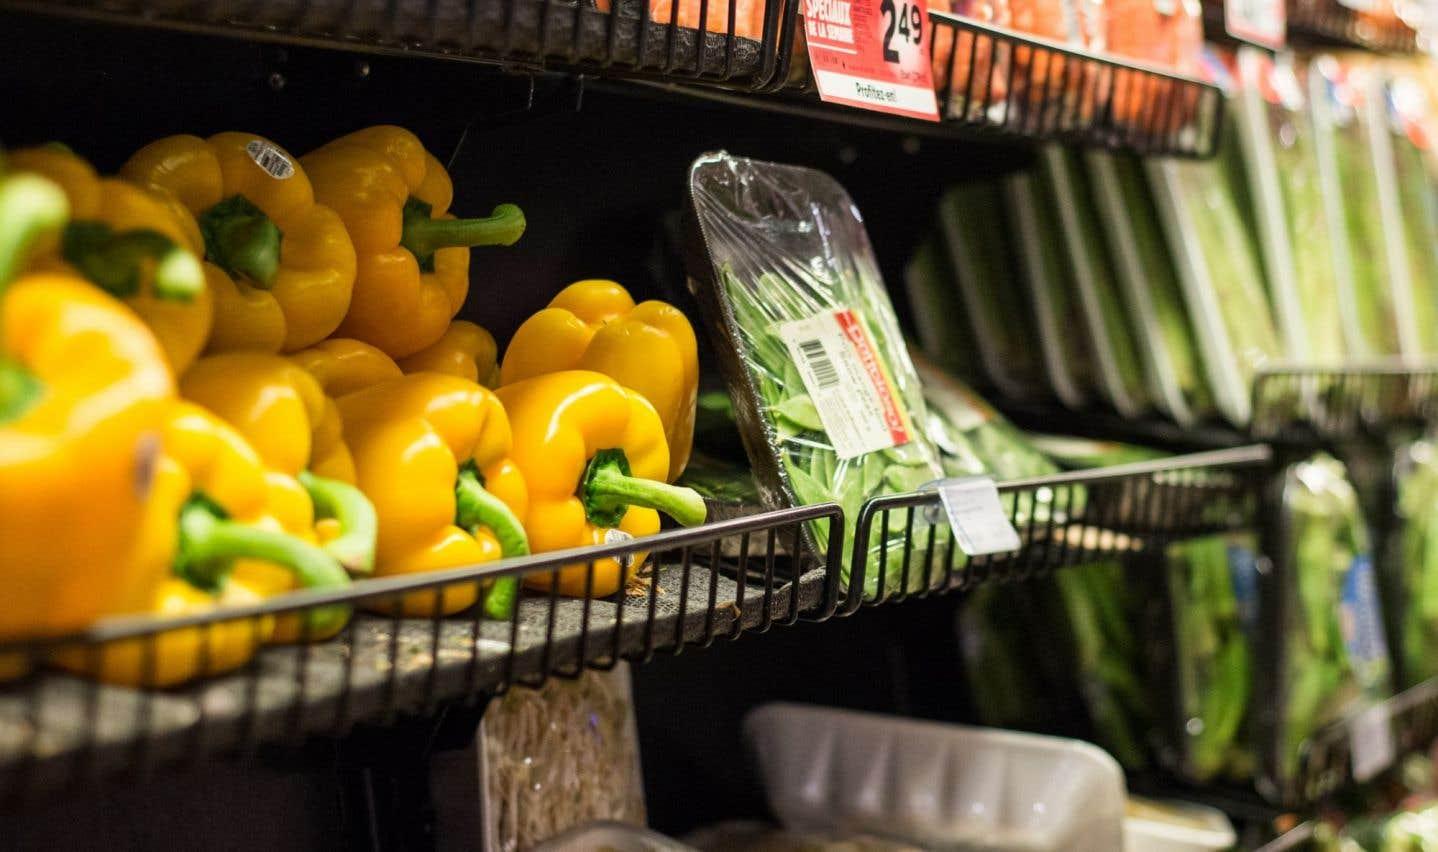 Les légumes figurent sur la liste des types d'aliments ayant le plus contribué à une amélioration du régime.